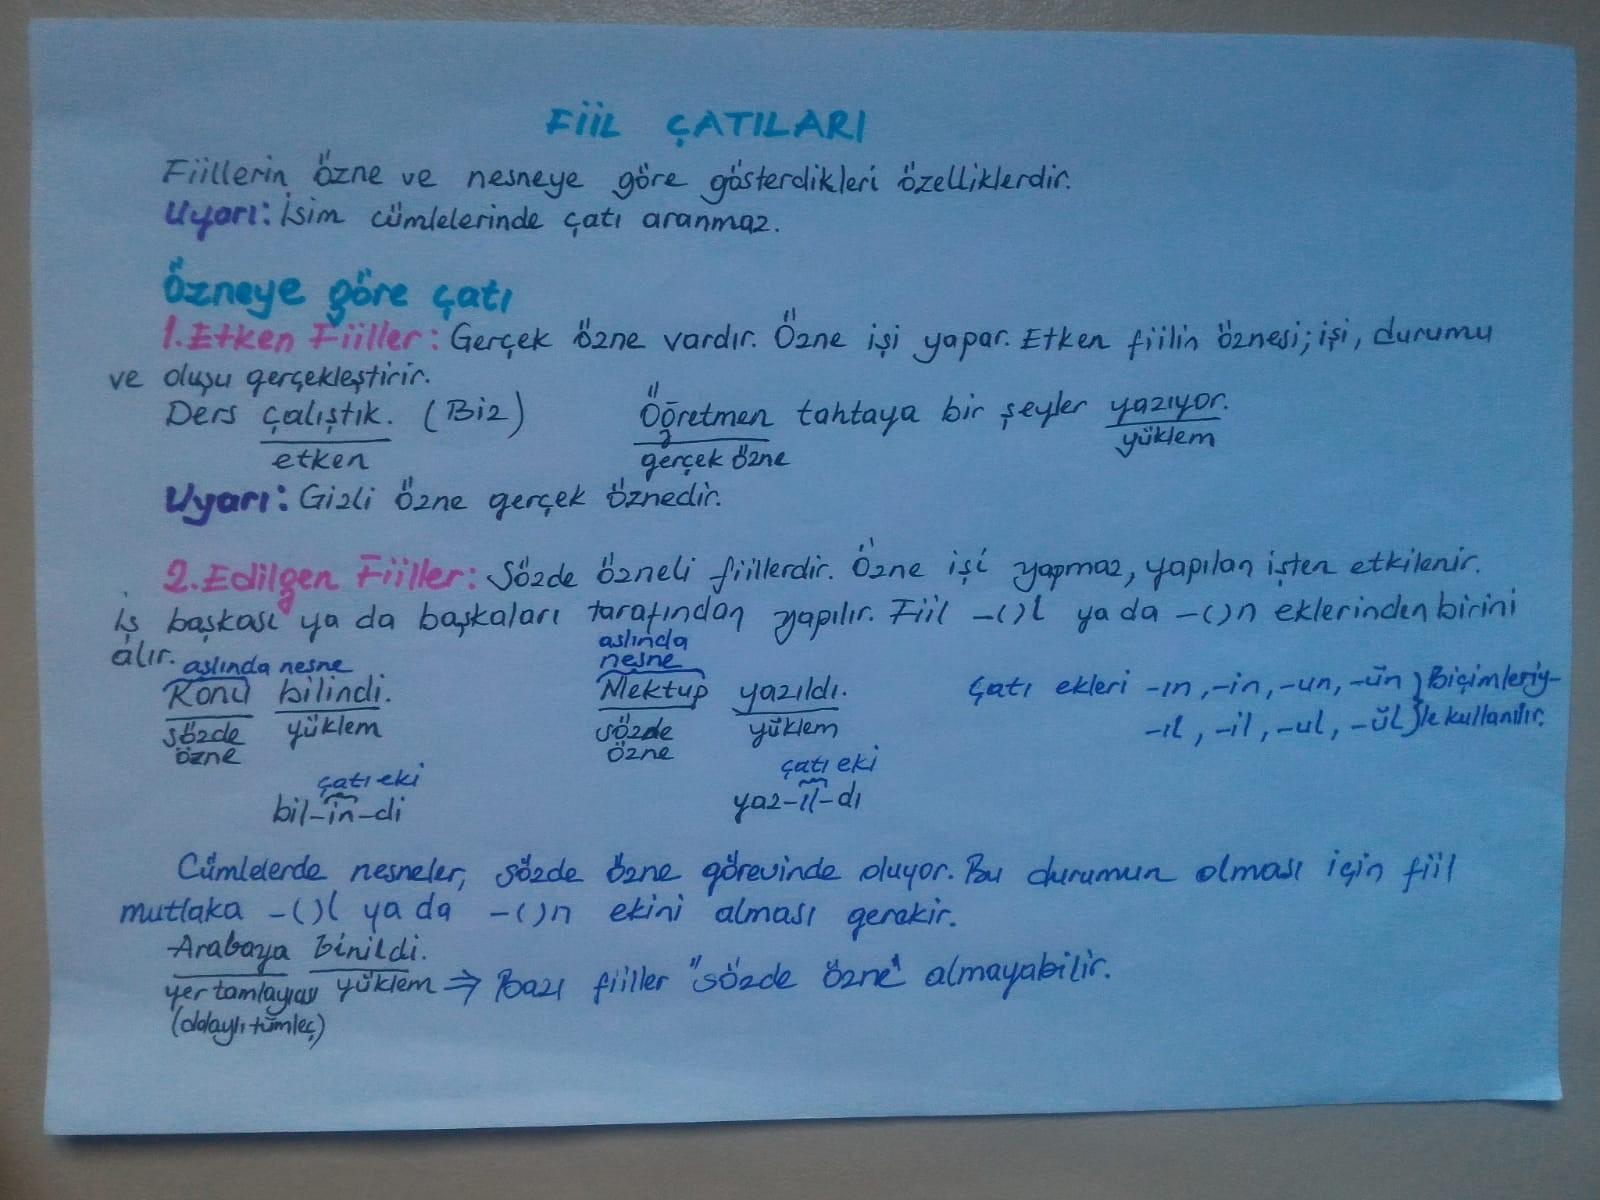 fiil_catilari_1